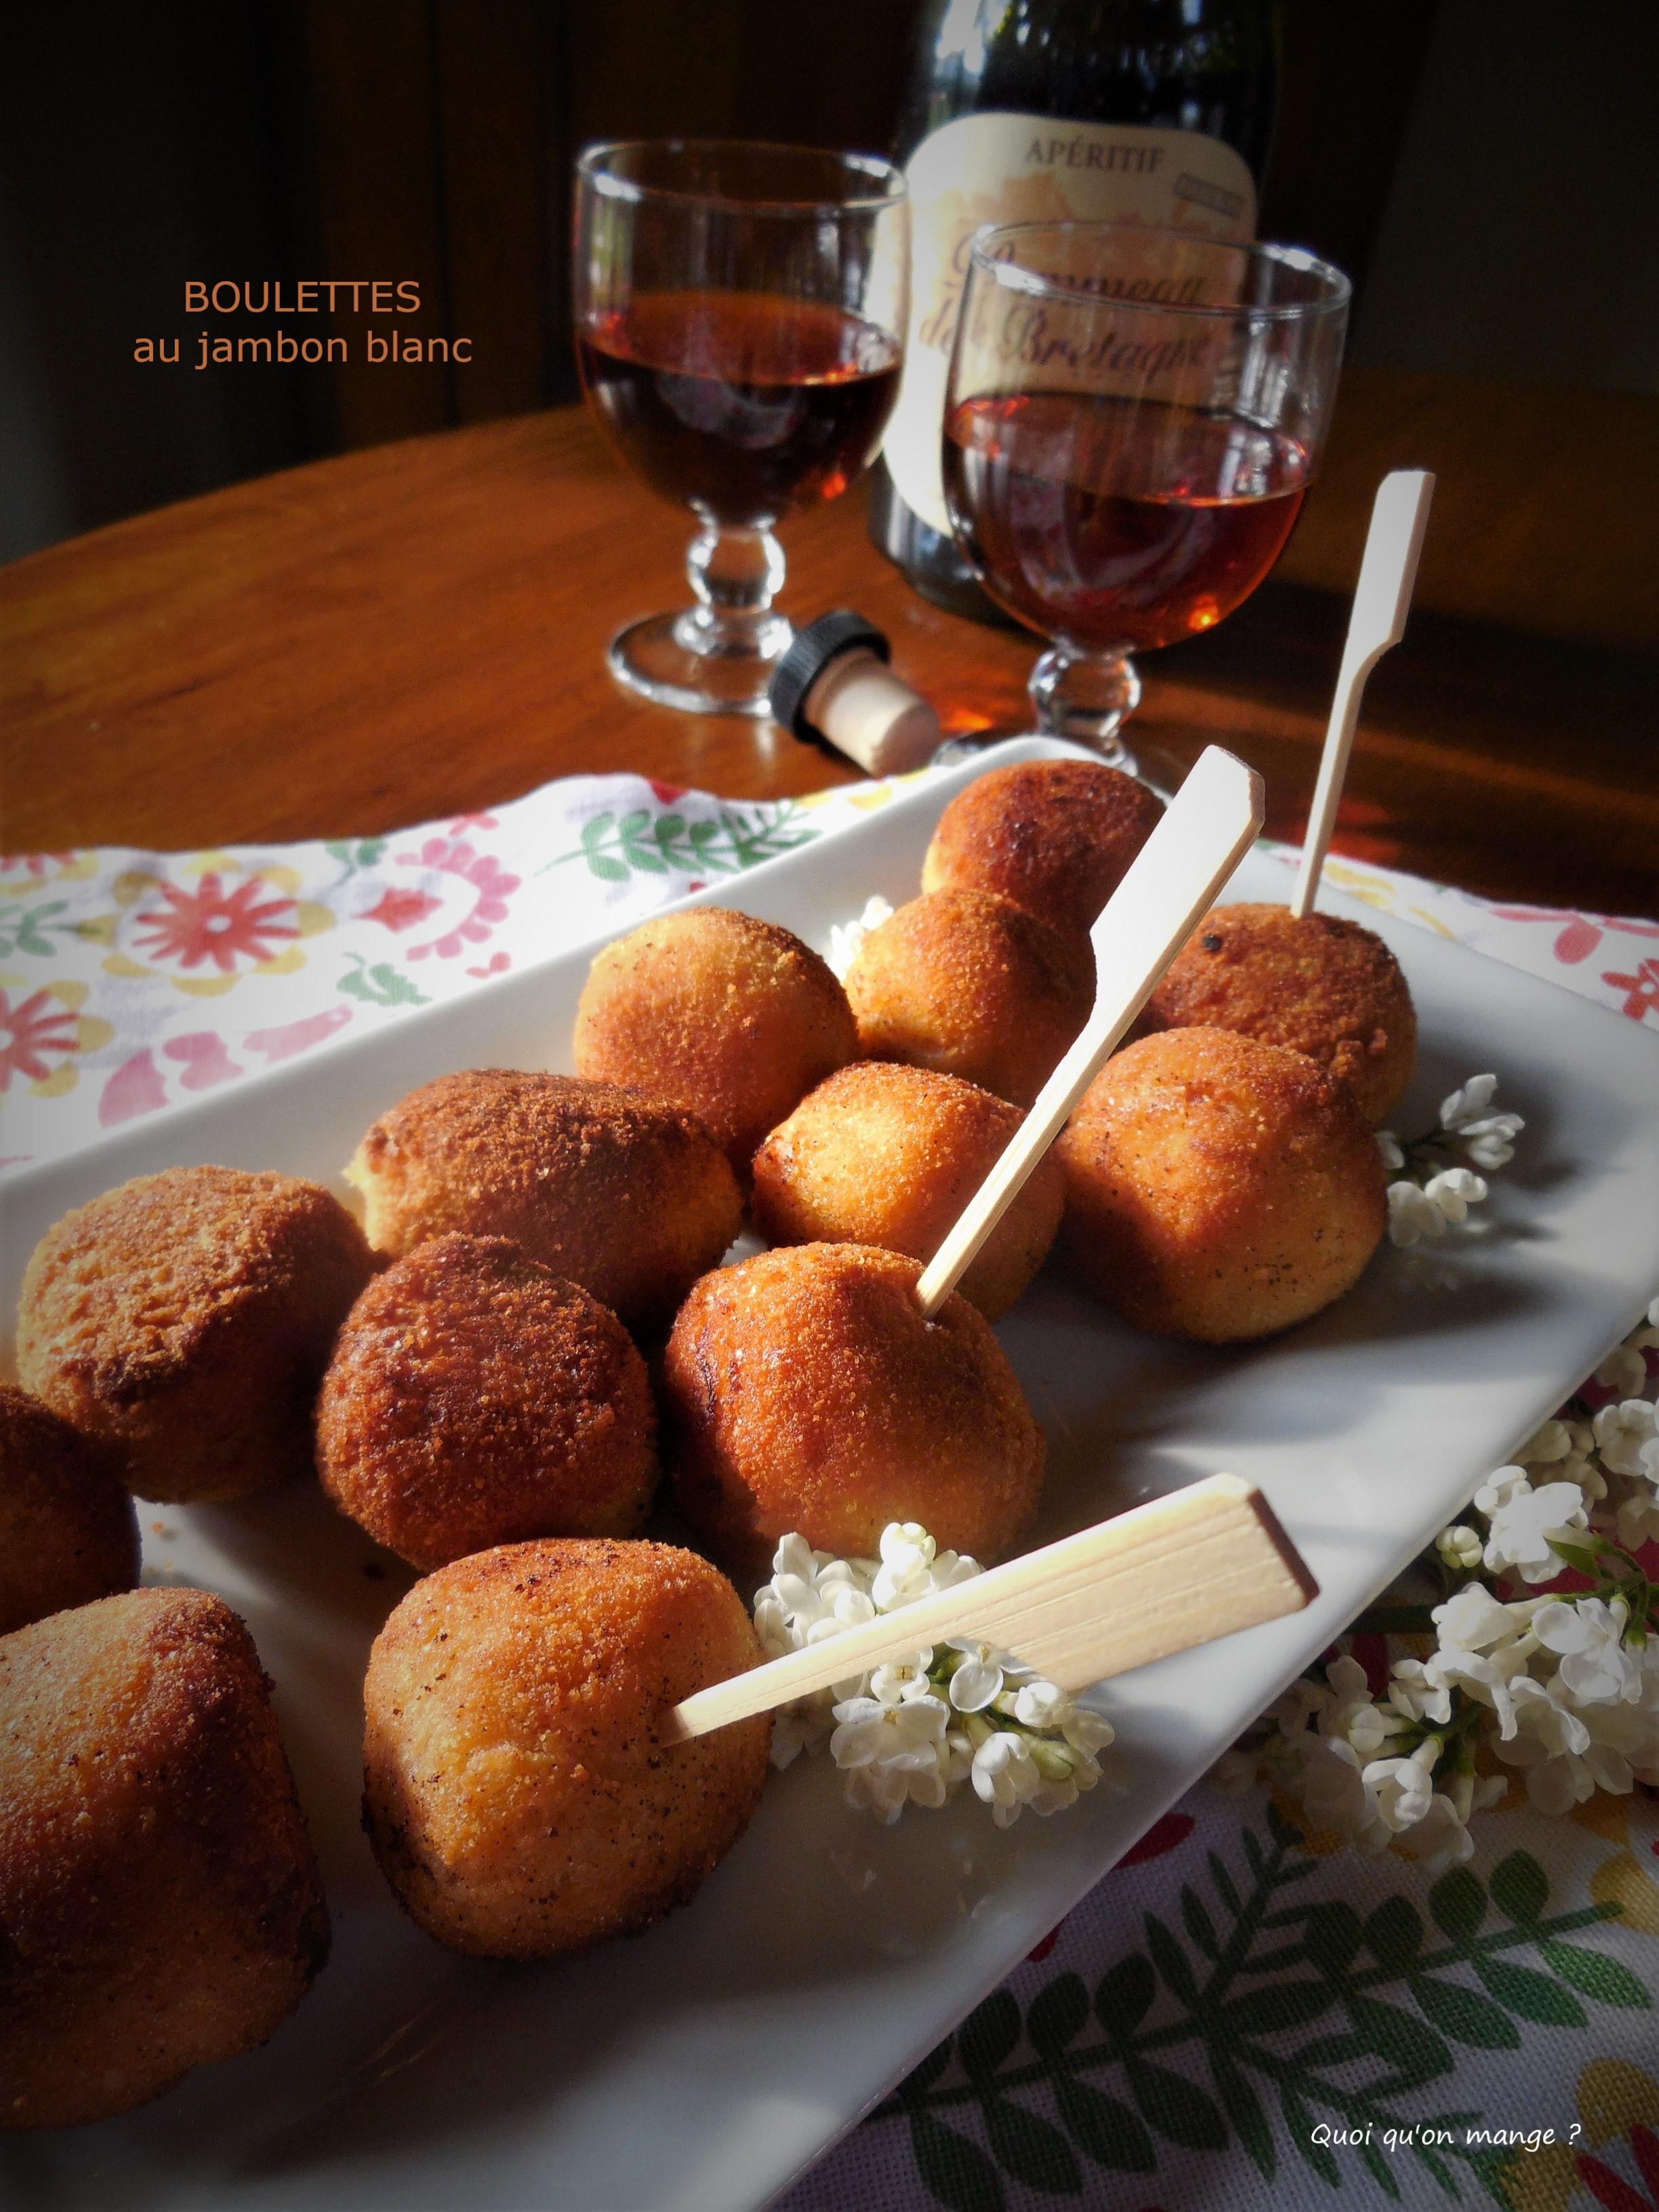 Boulettes au jambon blanc